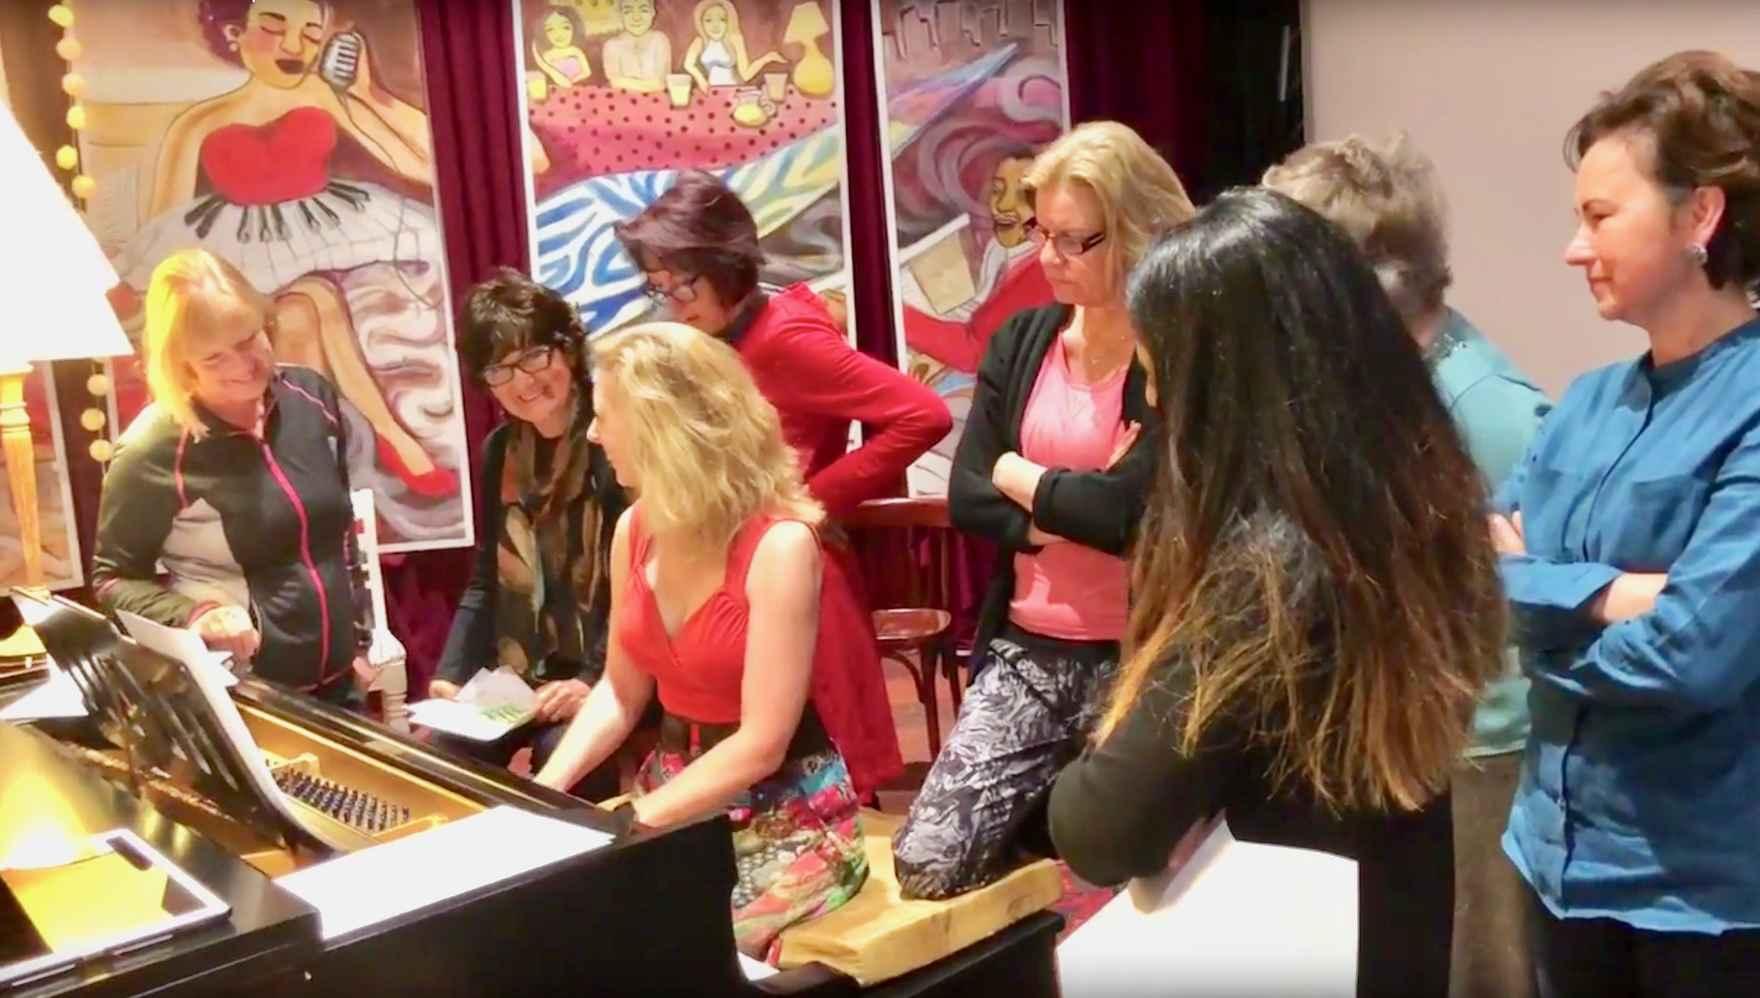 PianoEasy class with Kirsten demonstrating